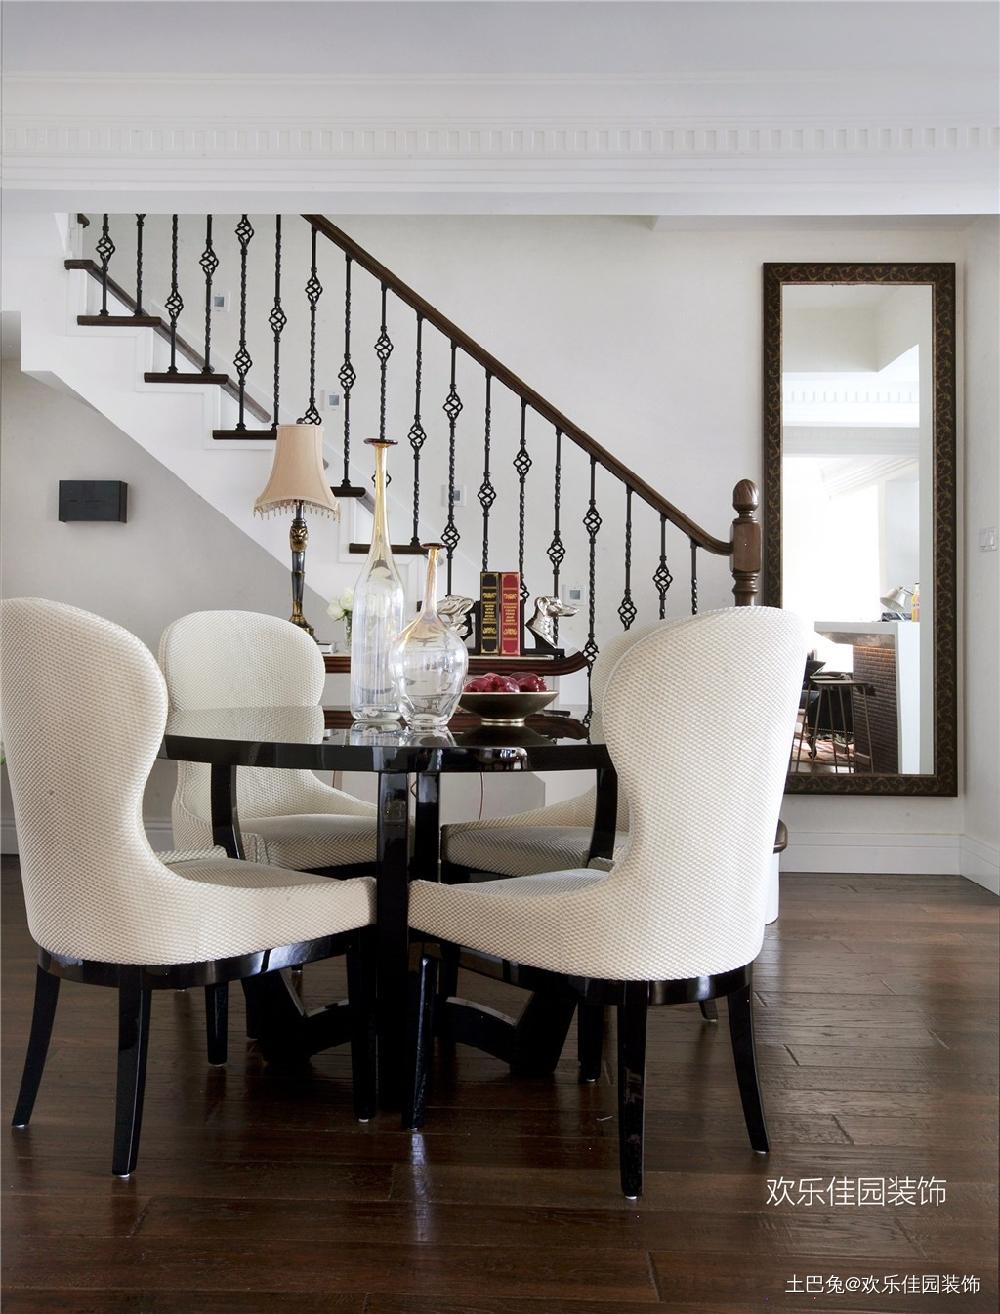 轻奢欧式小跃层有品质部浮夸厨房欧式豪华餐厅设计图片赏析